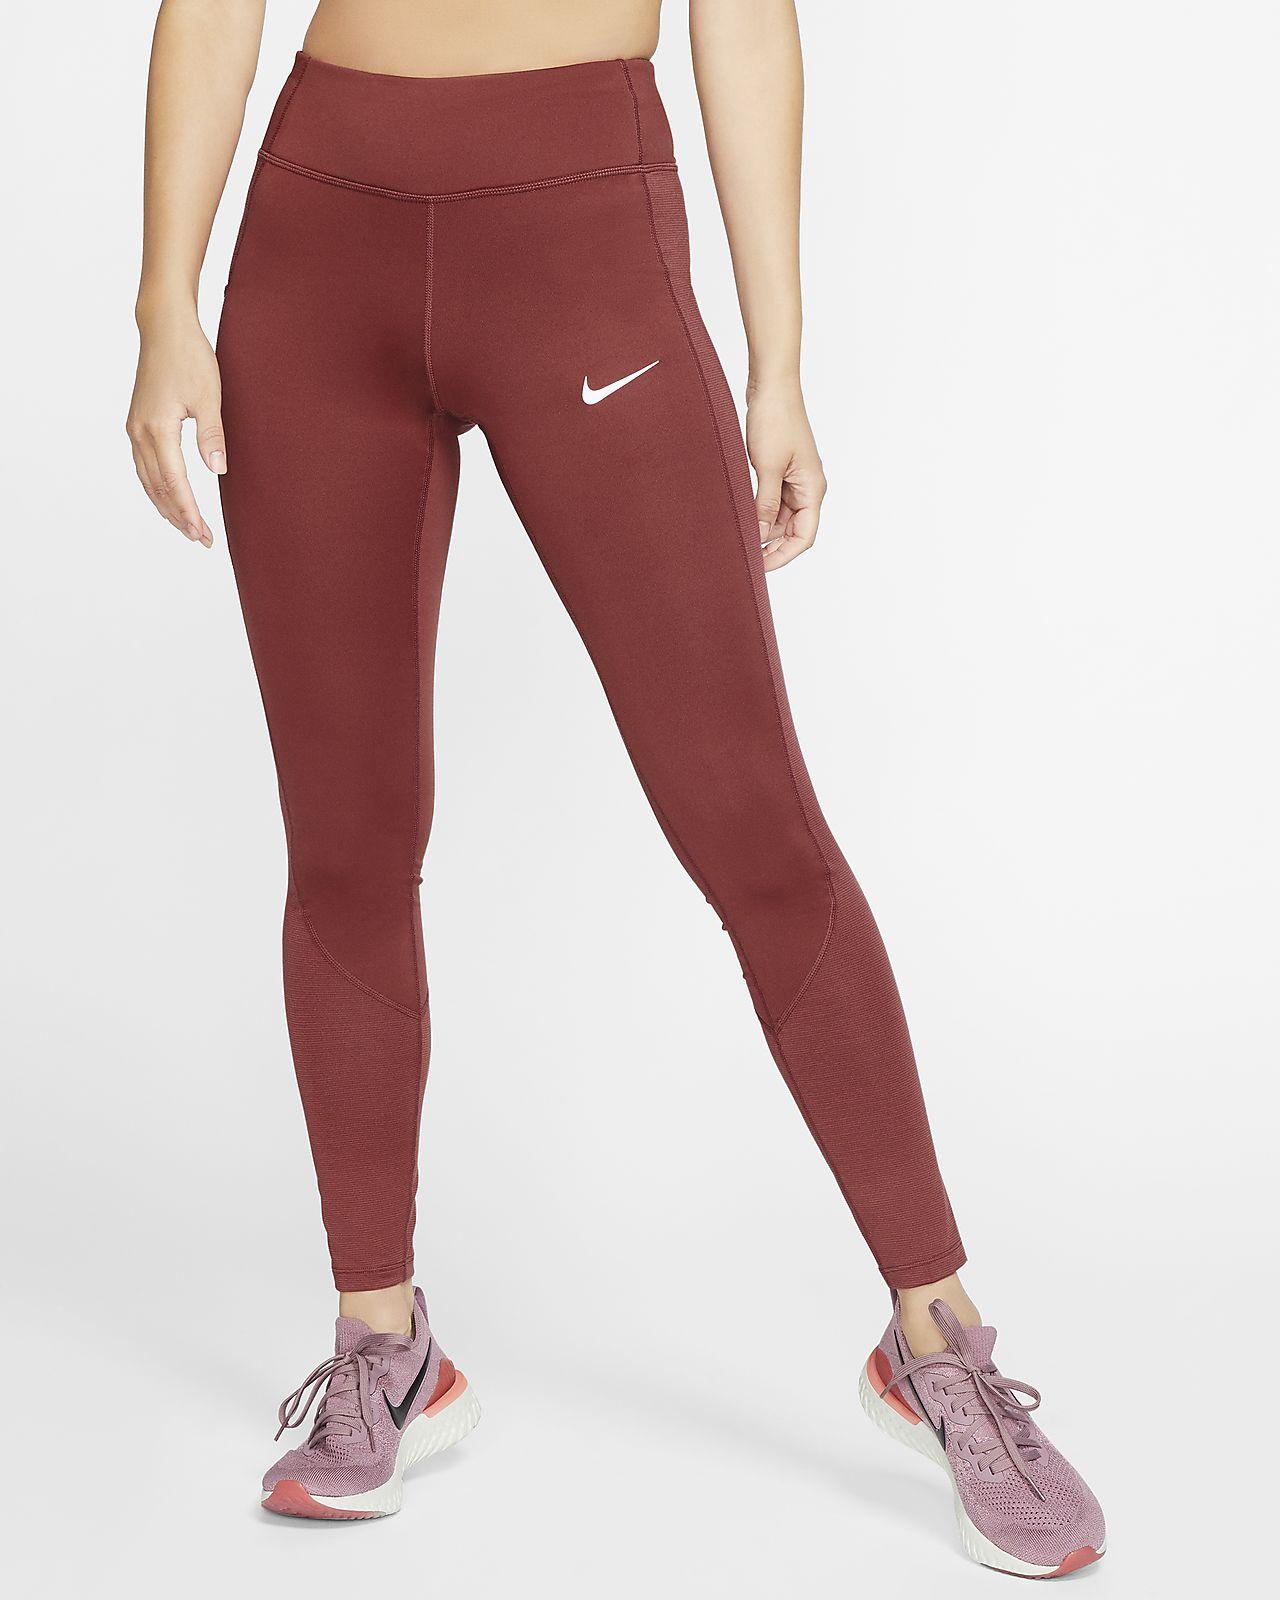 Women's Leggings & Running Leggings | JD Sports